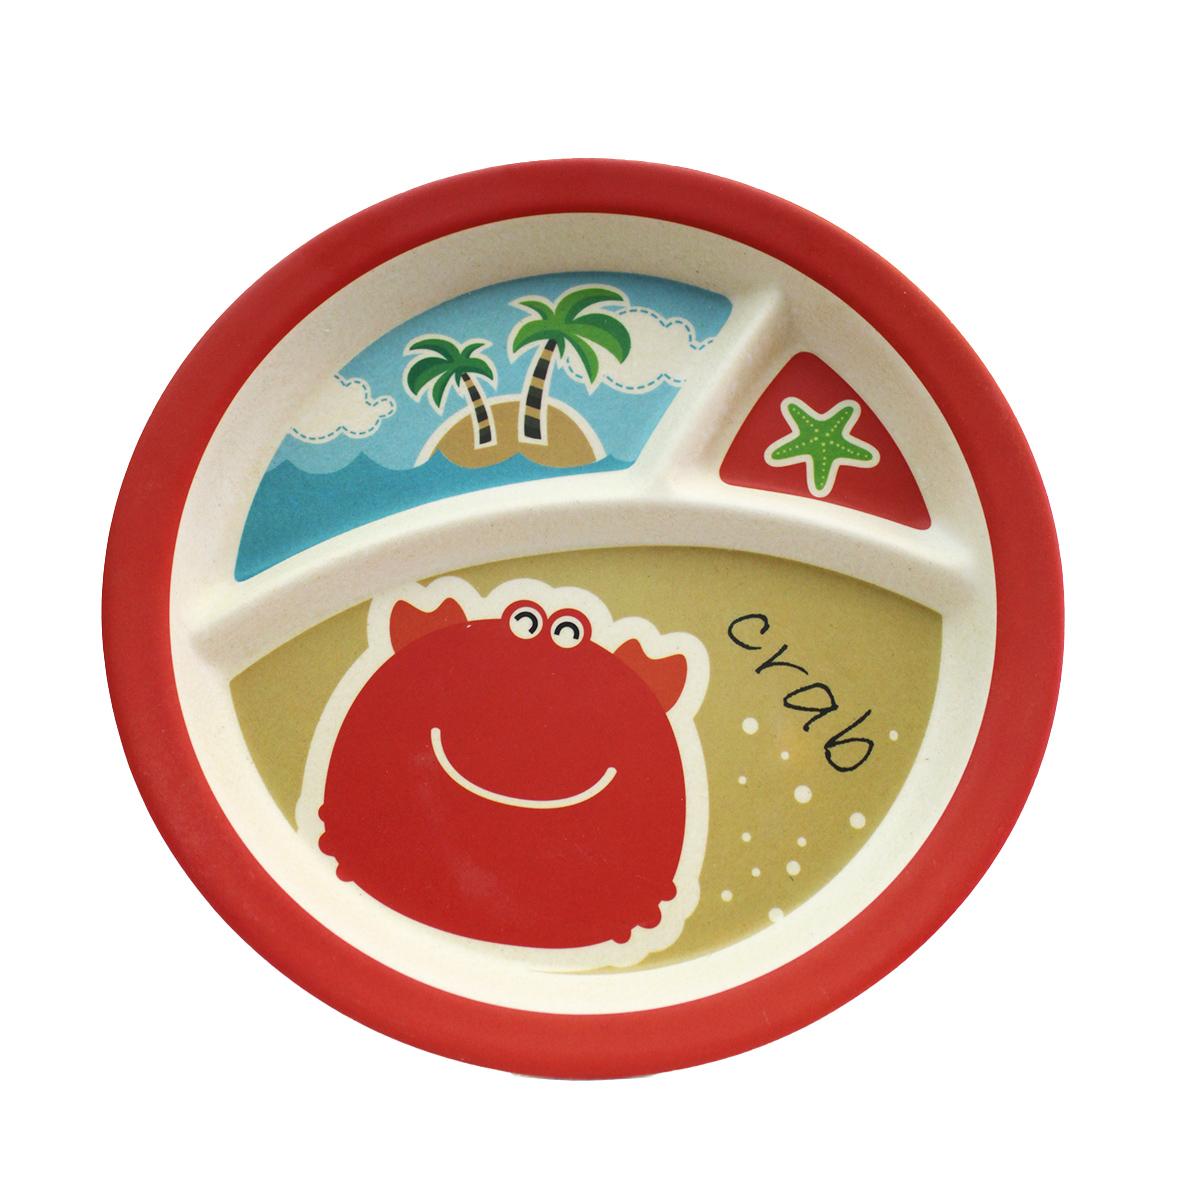 ظرف غذا 5 تکه کودک بامبو فایبر طرح خرچنگ